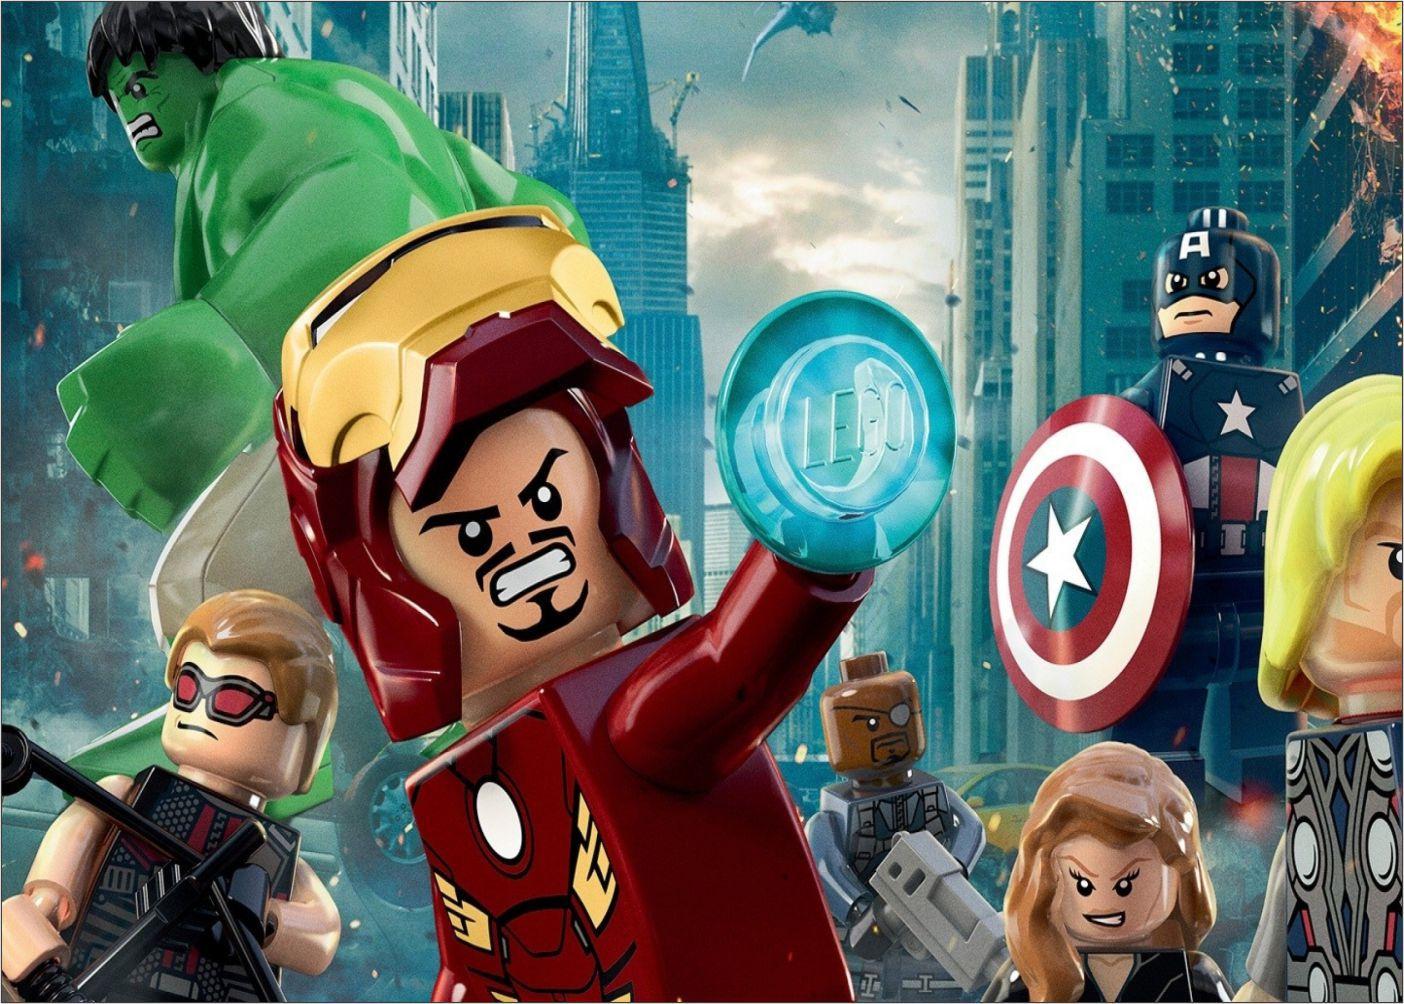 Papel de Parede Infantil Heróis lego 0010  - Paredes Decoradas